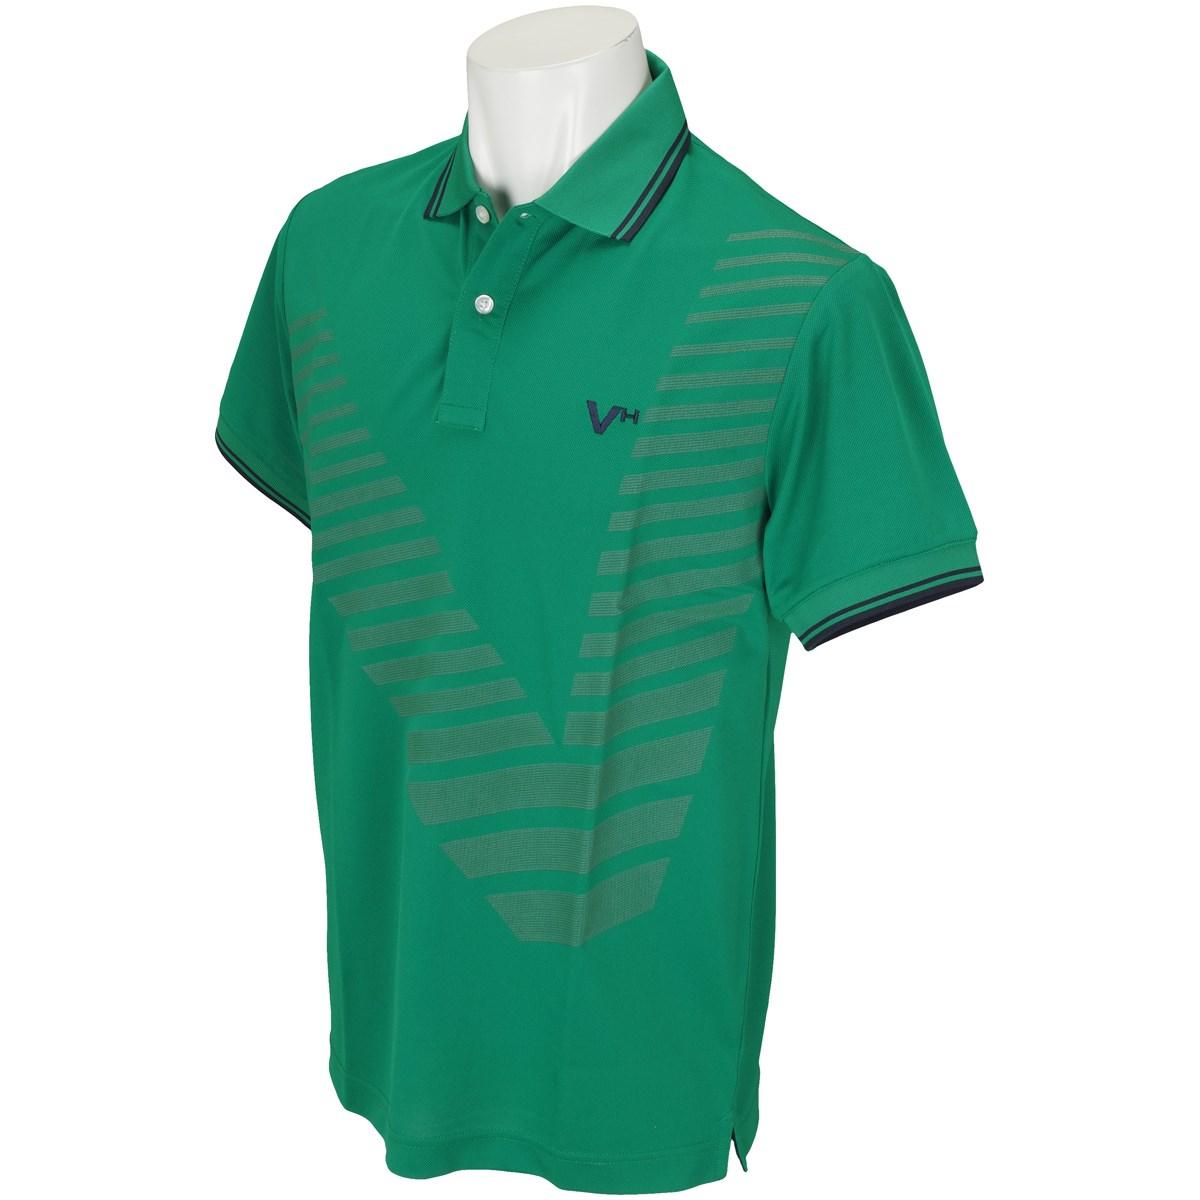 [アウトレット] [在庫限りのお買い得商品] ビバハート VIVA HEART 鹿の子半袖ポロシャツ グリーン 023 メンズ ゴルフウェア